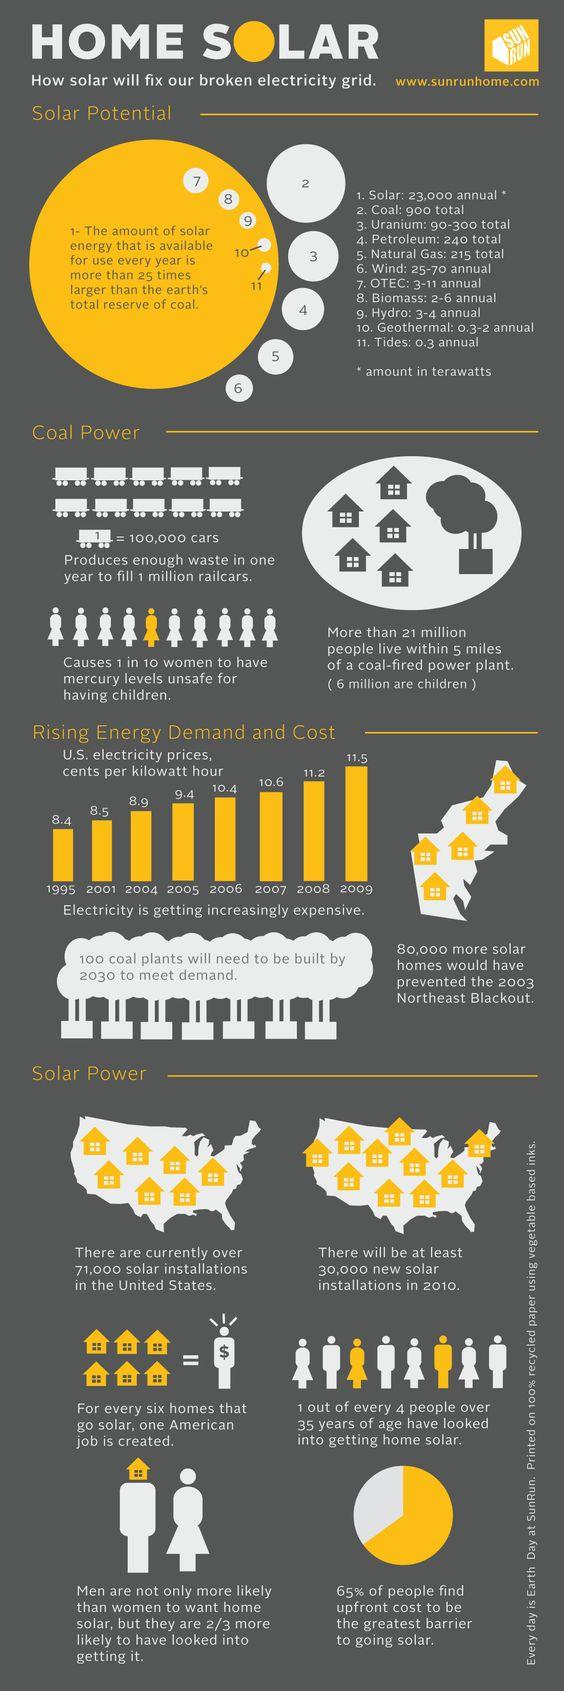 Solar Energy [infographic]